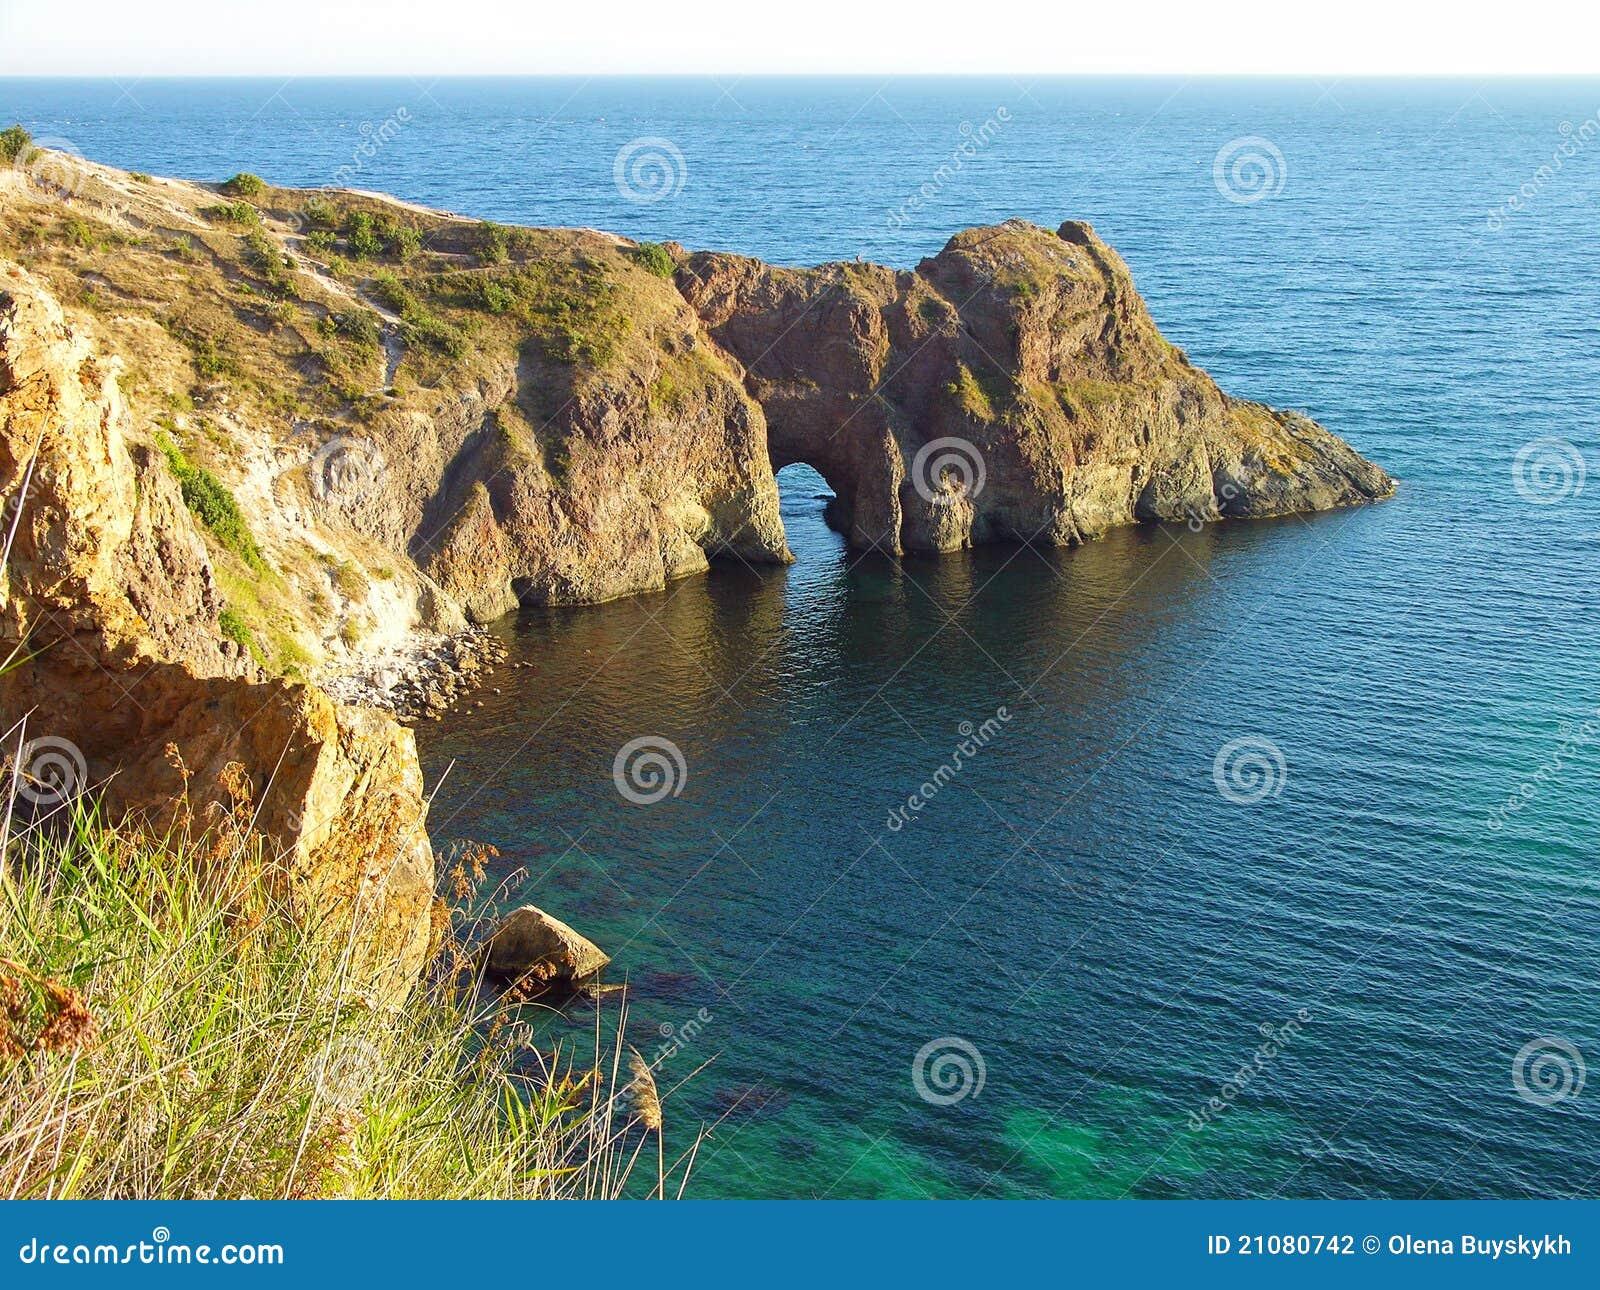 Grotto della Diana nel Mar Nero, Ucraina